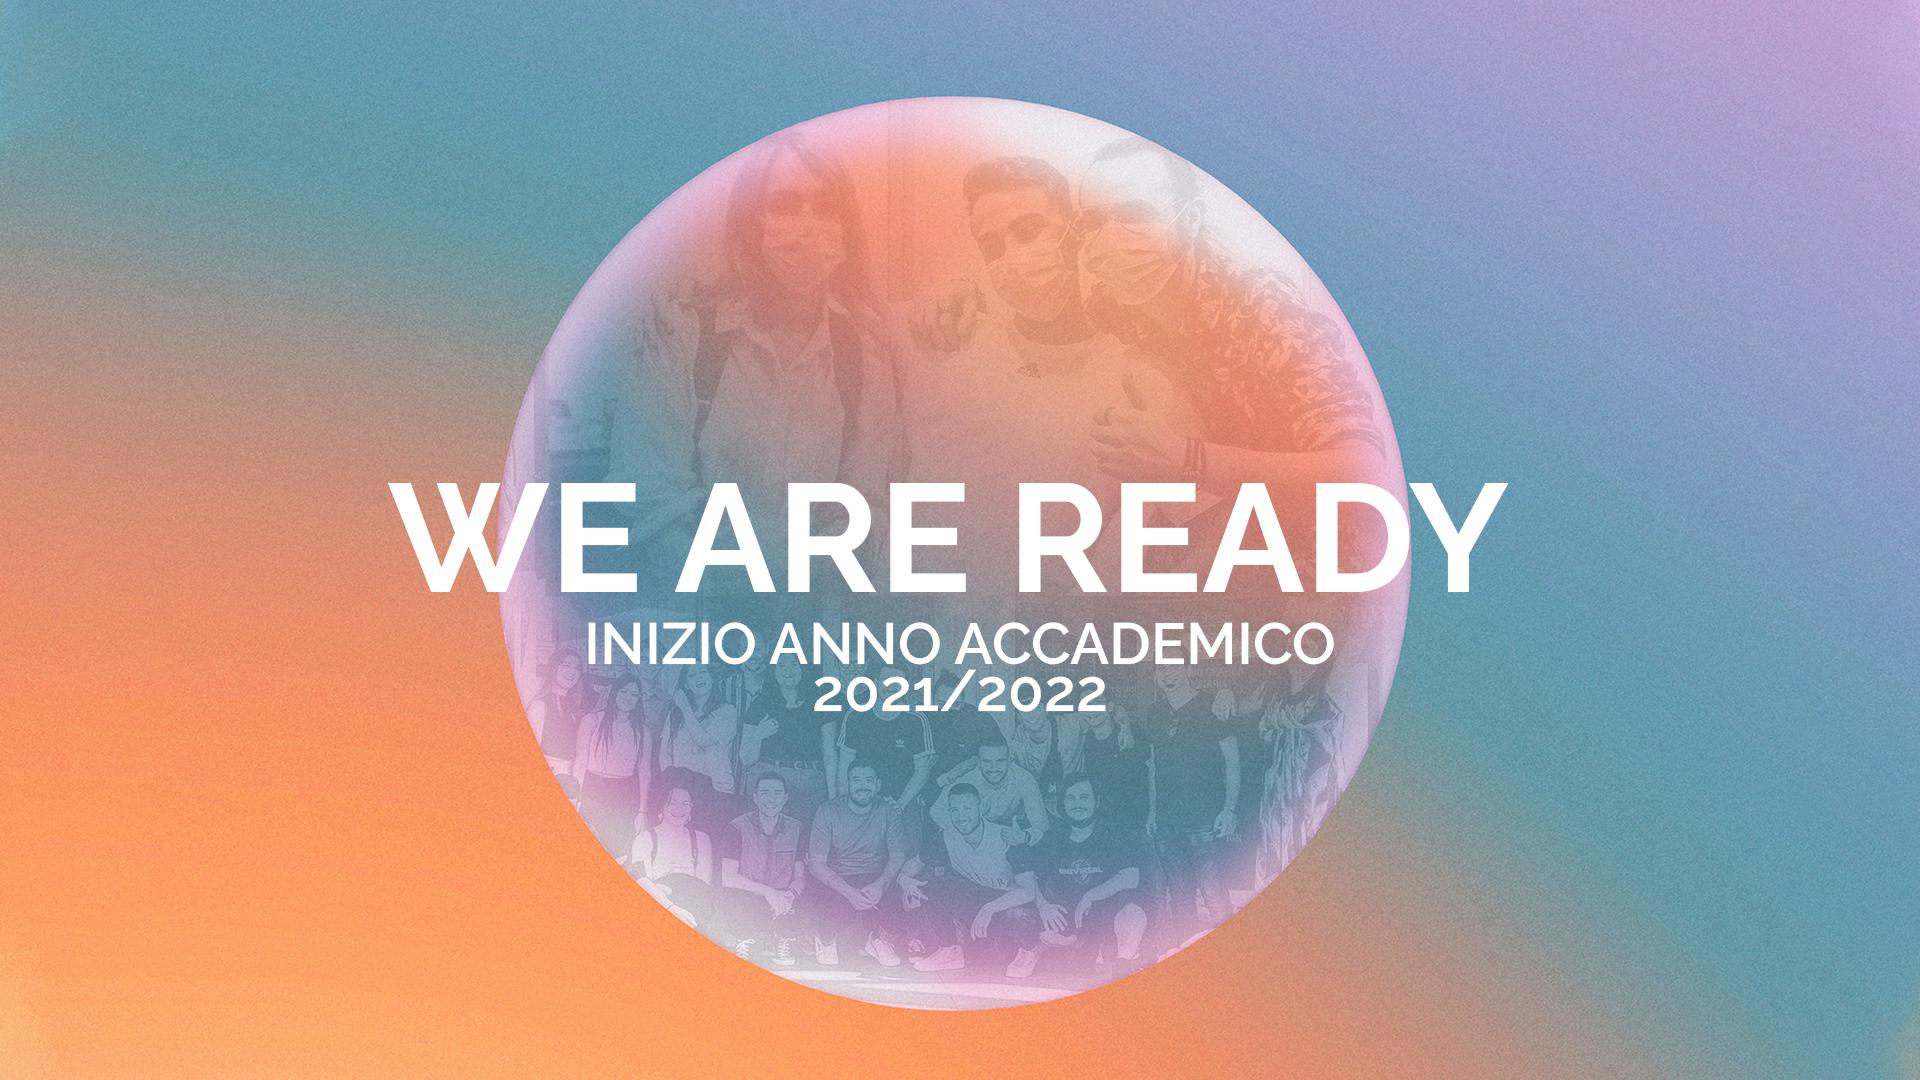 Inizio Anno Accademico 2021/2022